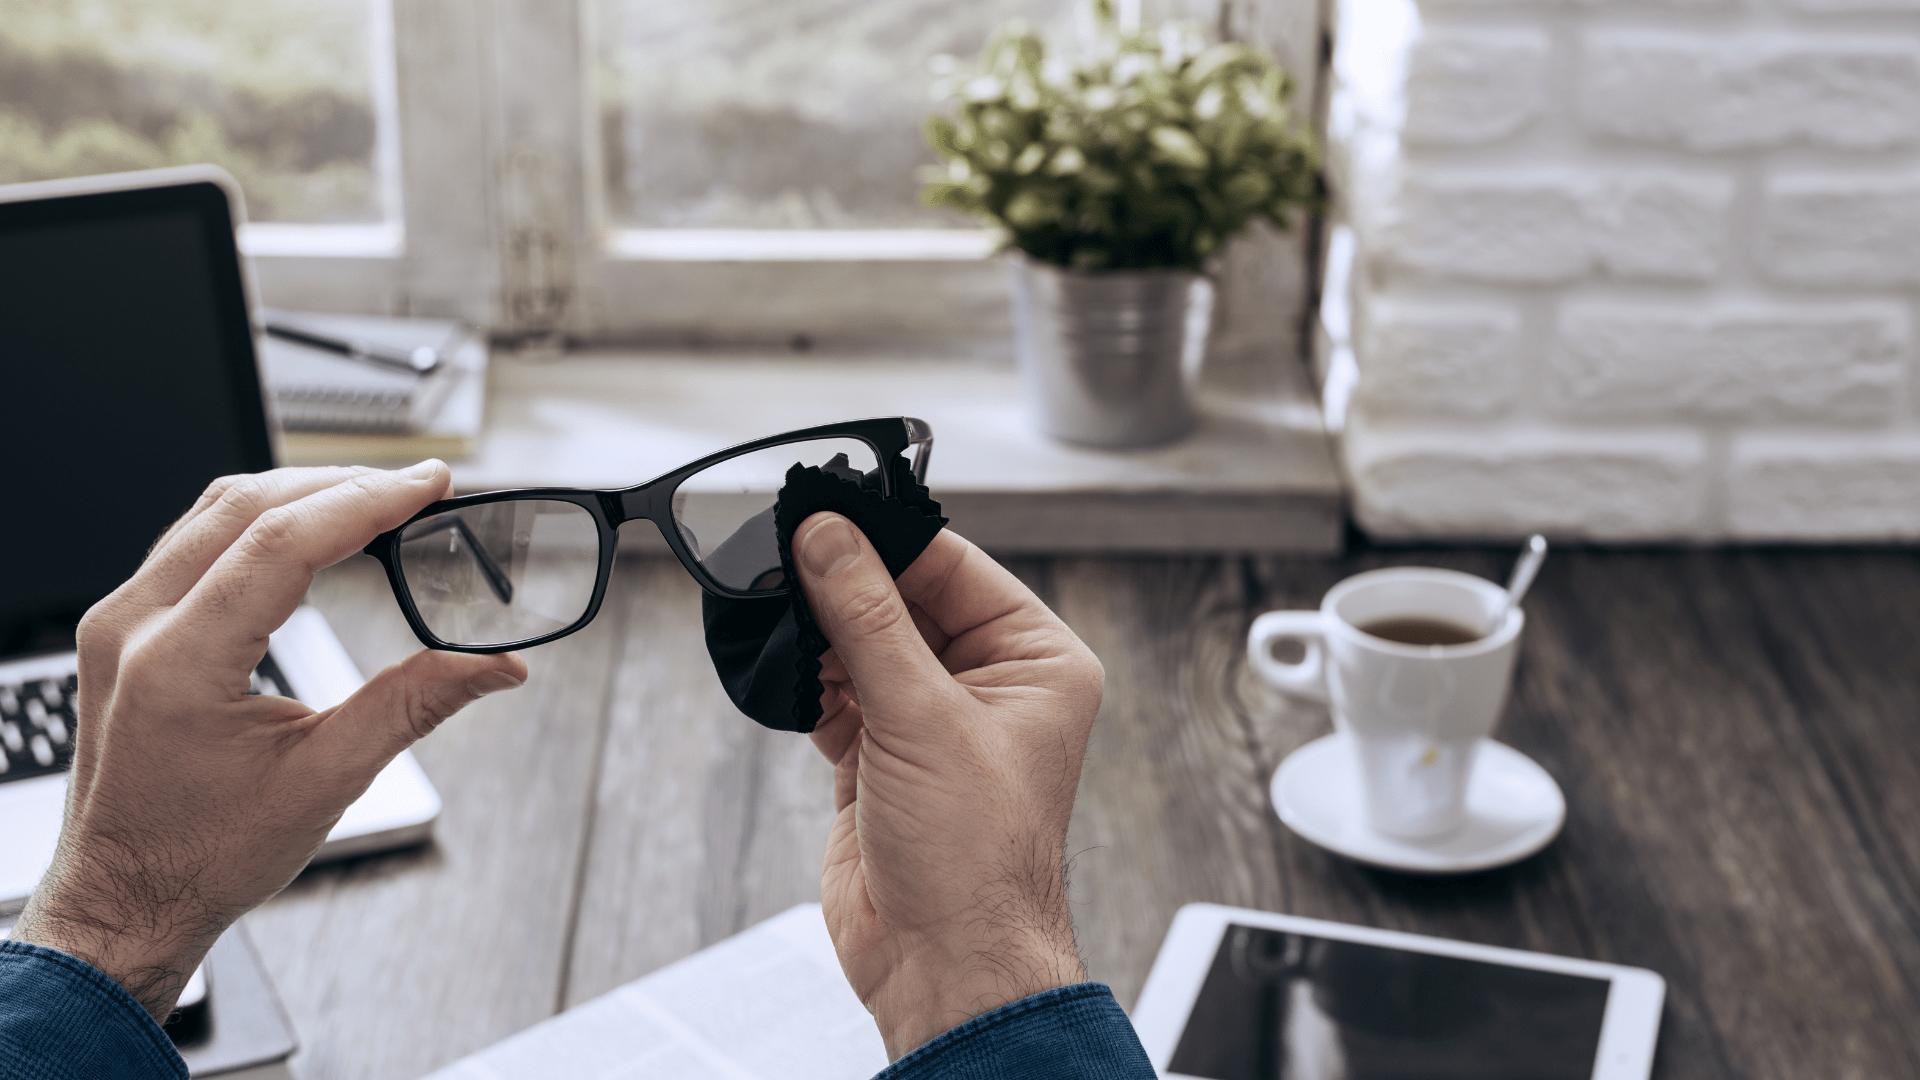 brille putzen microfaser tuch office kaffee ipad